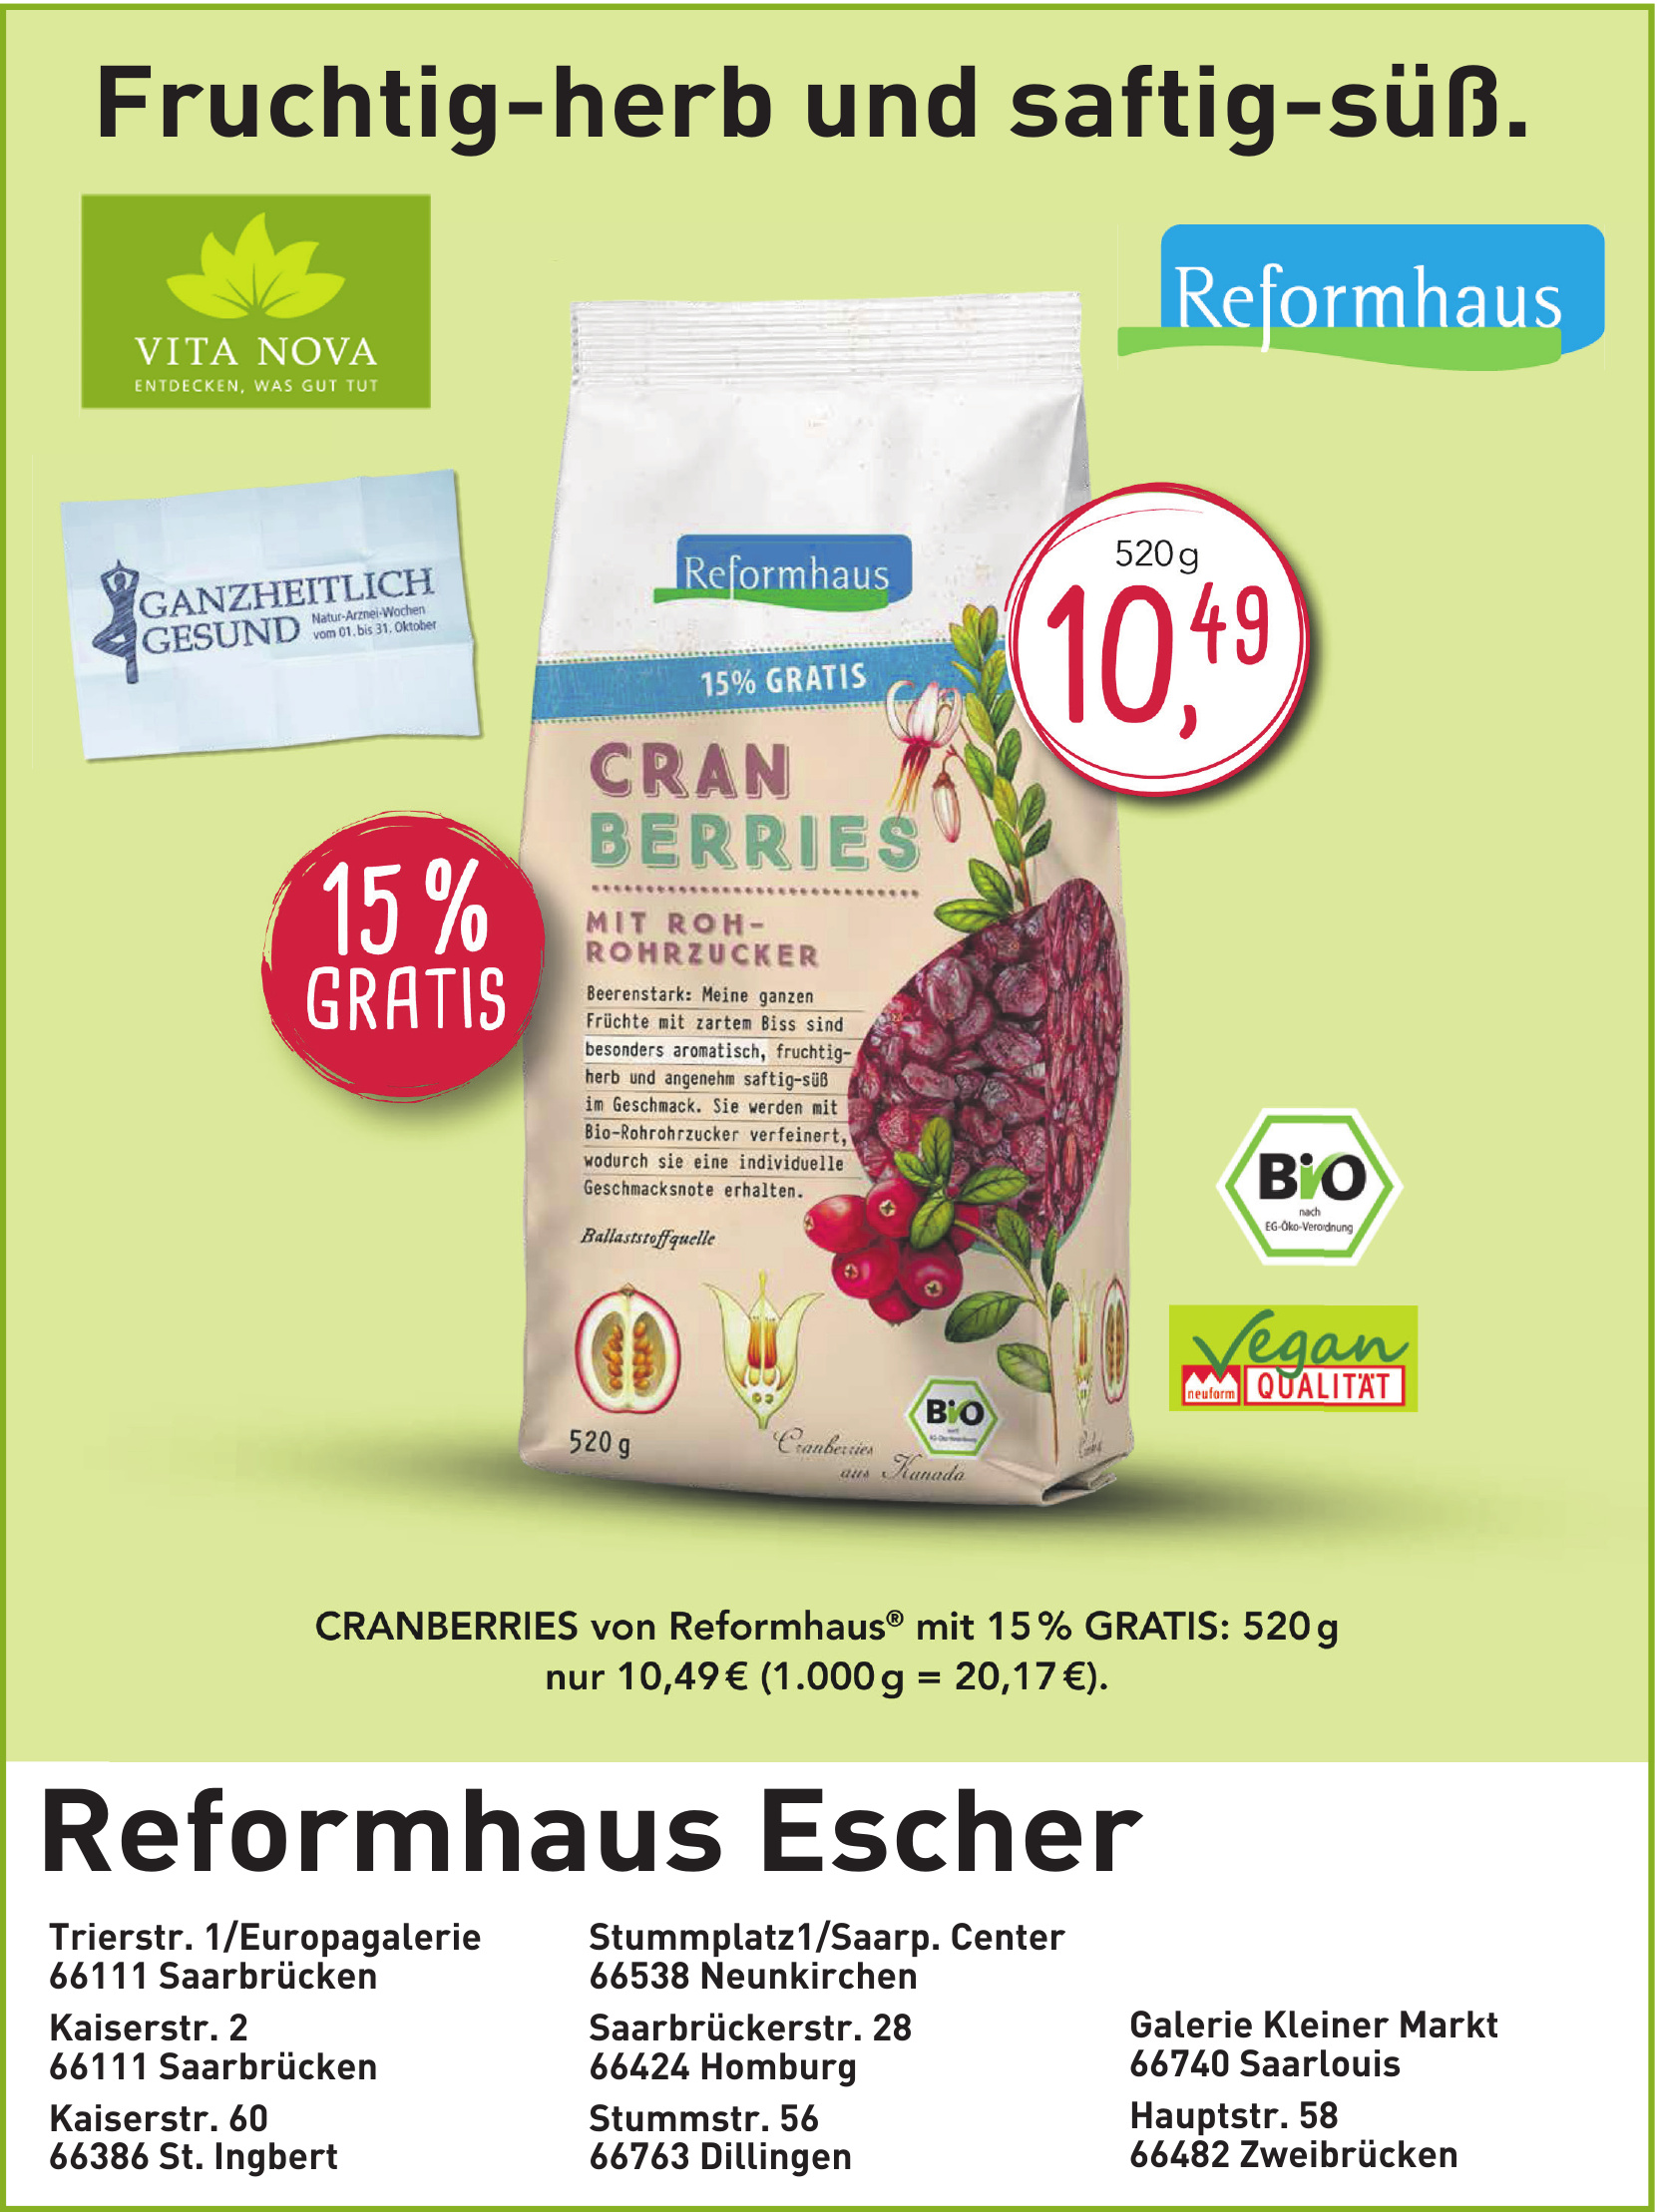 Reformhaus Escher